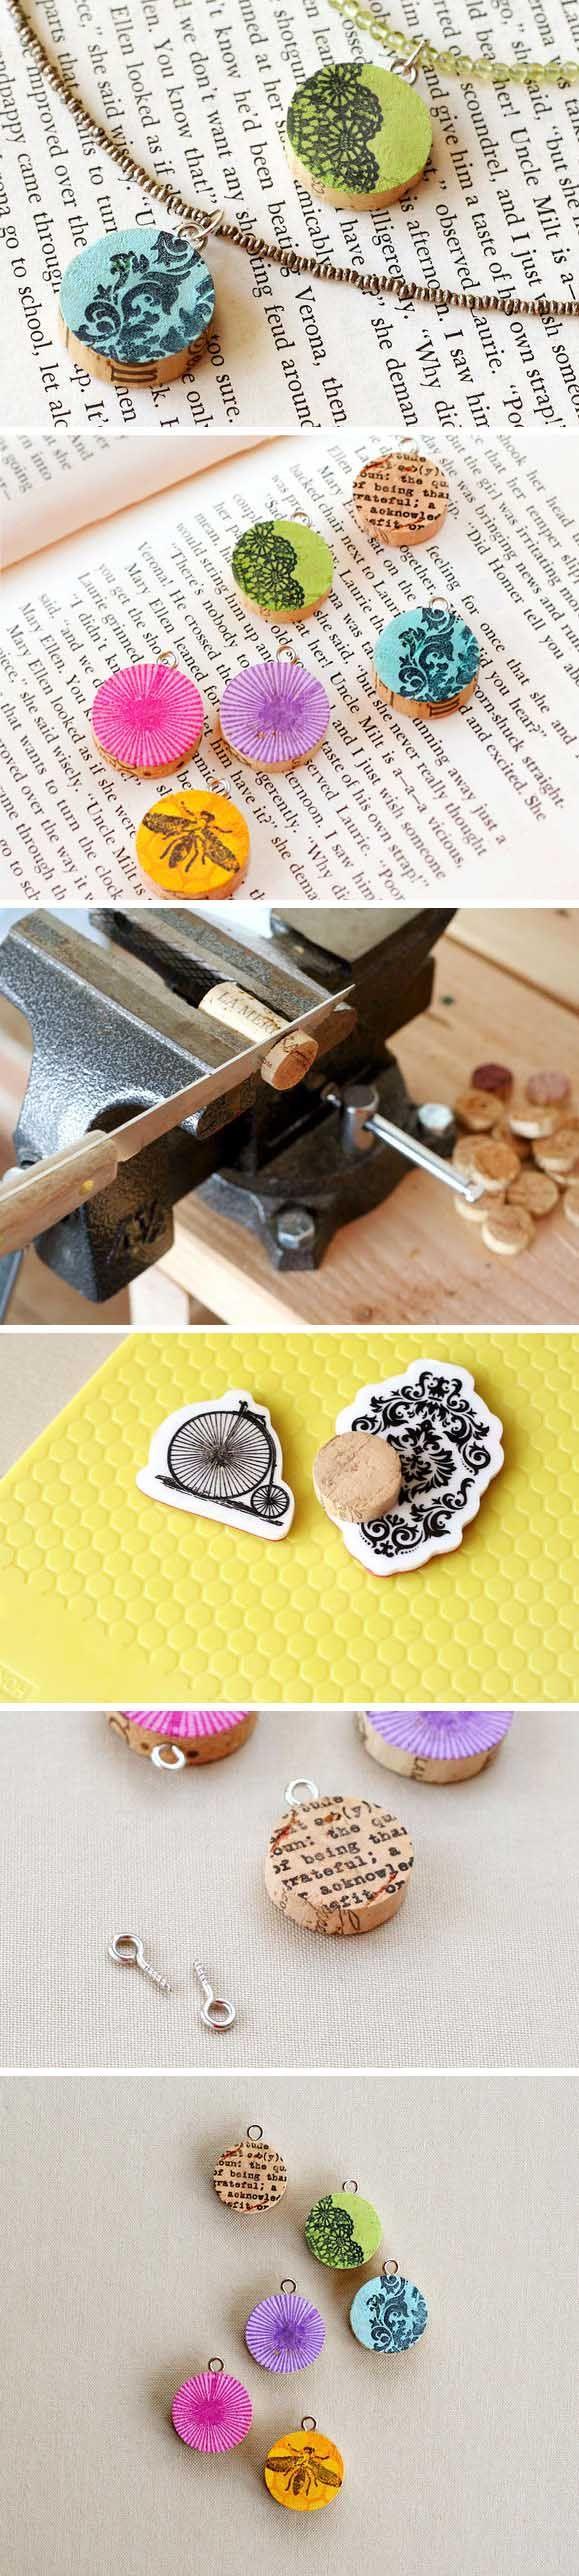 DIY Upcycled Wine Cork Pendants - fiskars.com - Colgante reciclando tapones de corcho